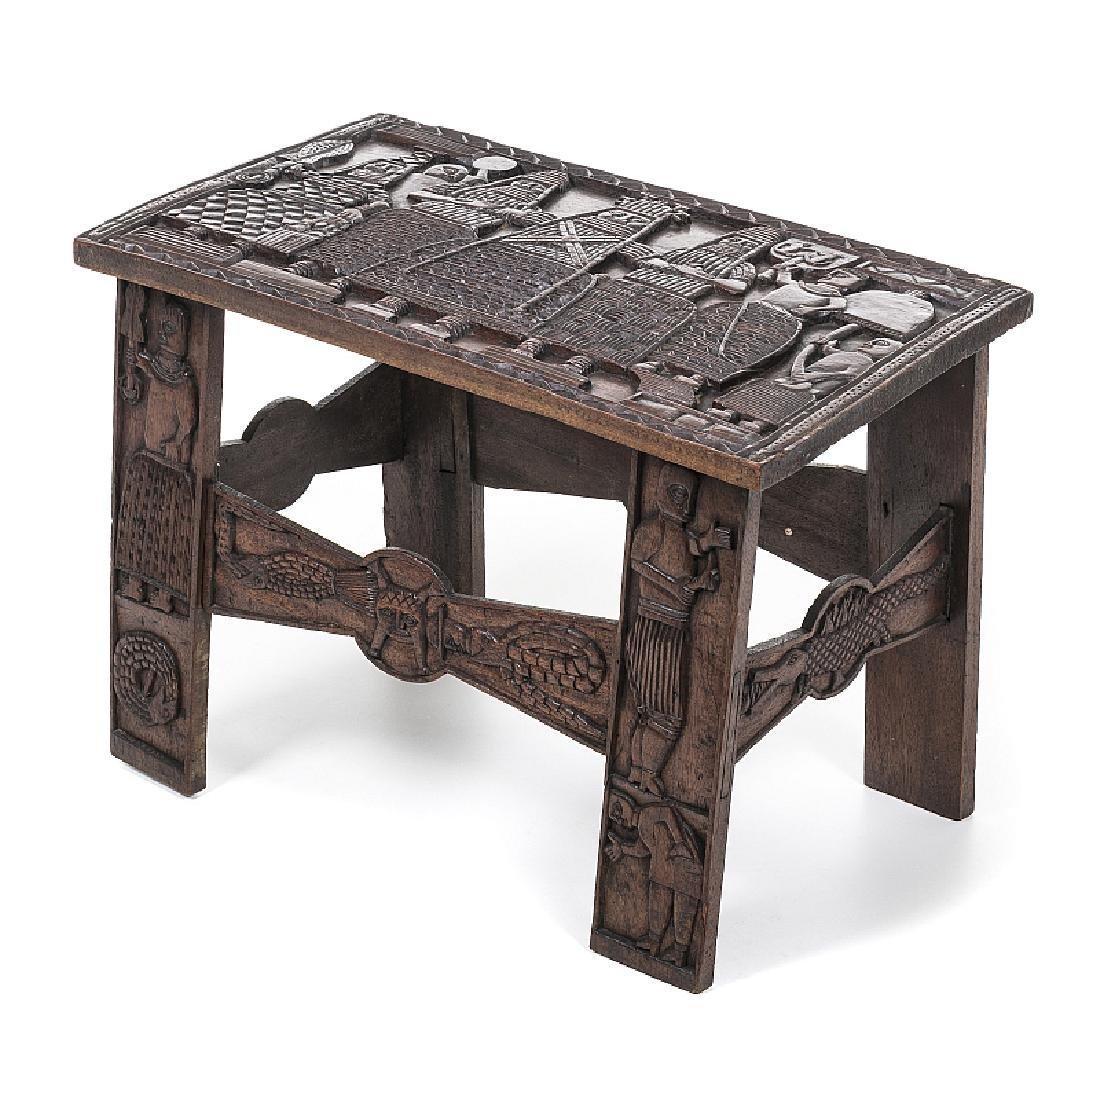 BENIN - Figurative Oba bench